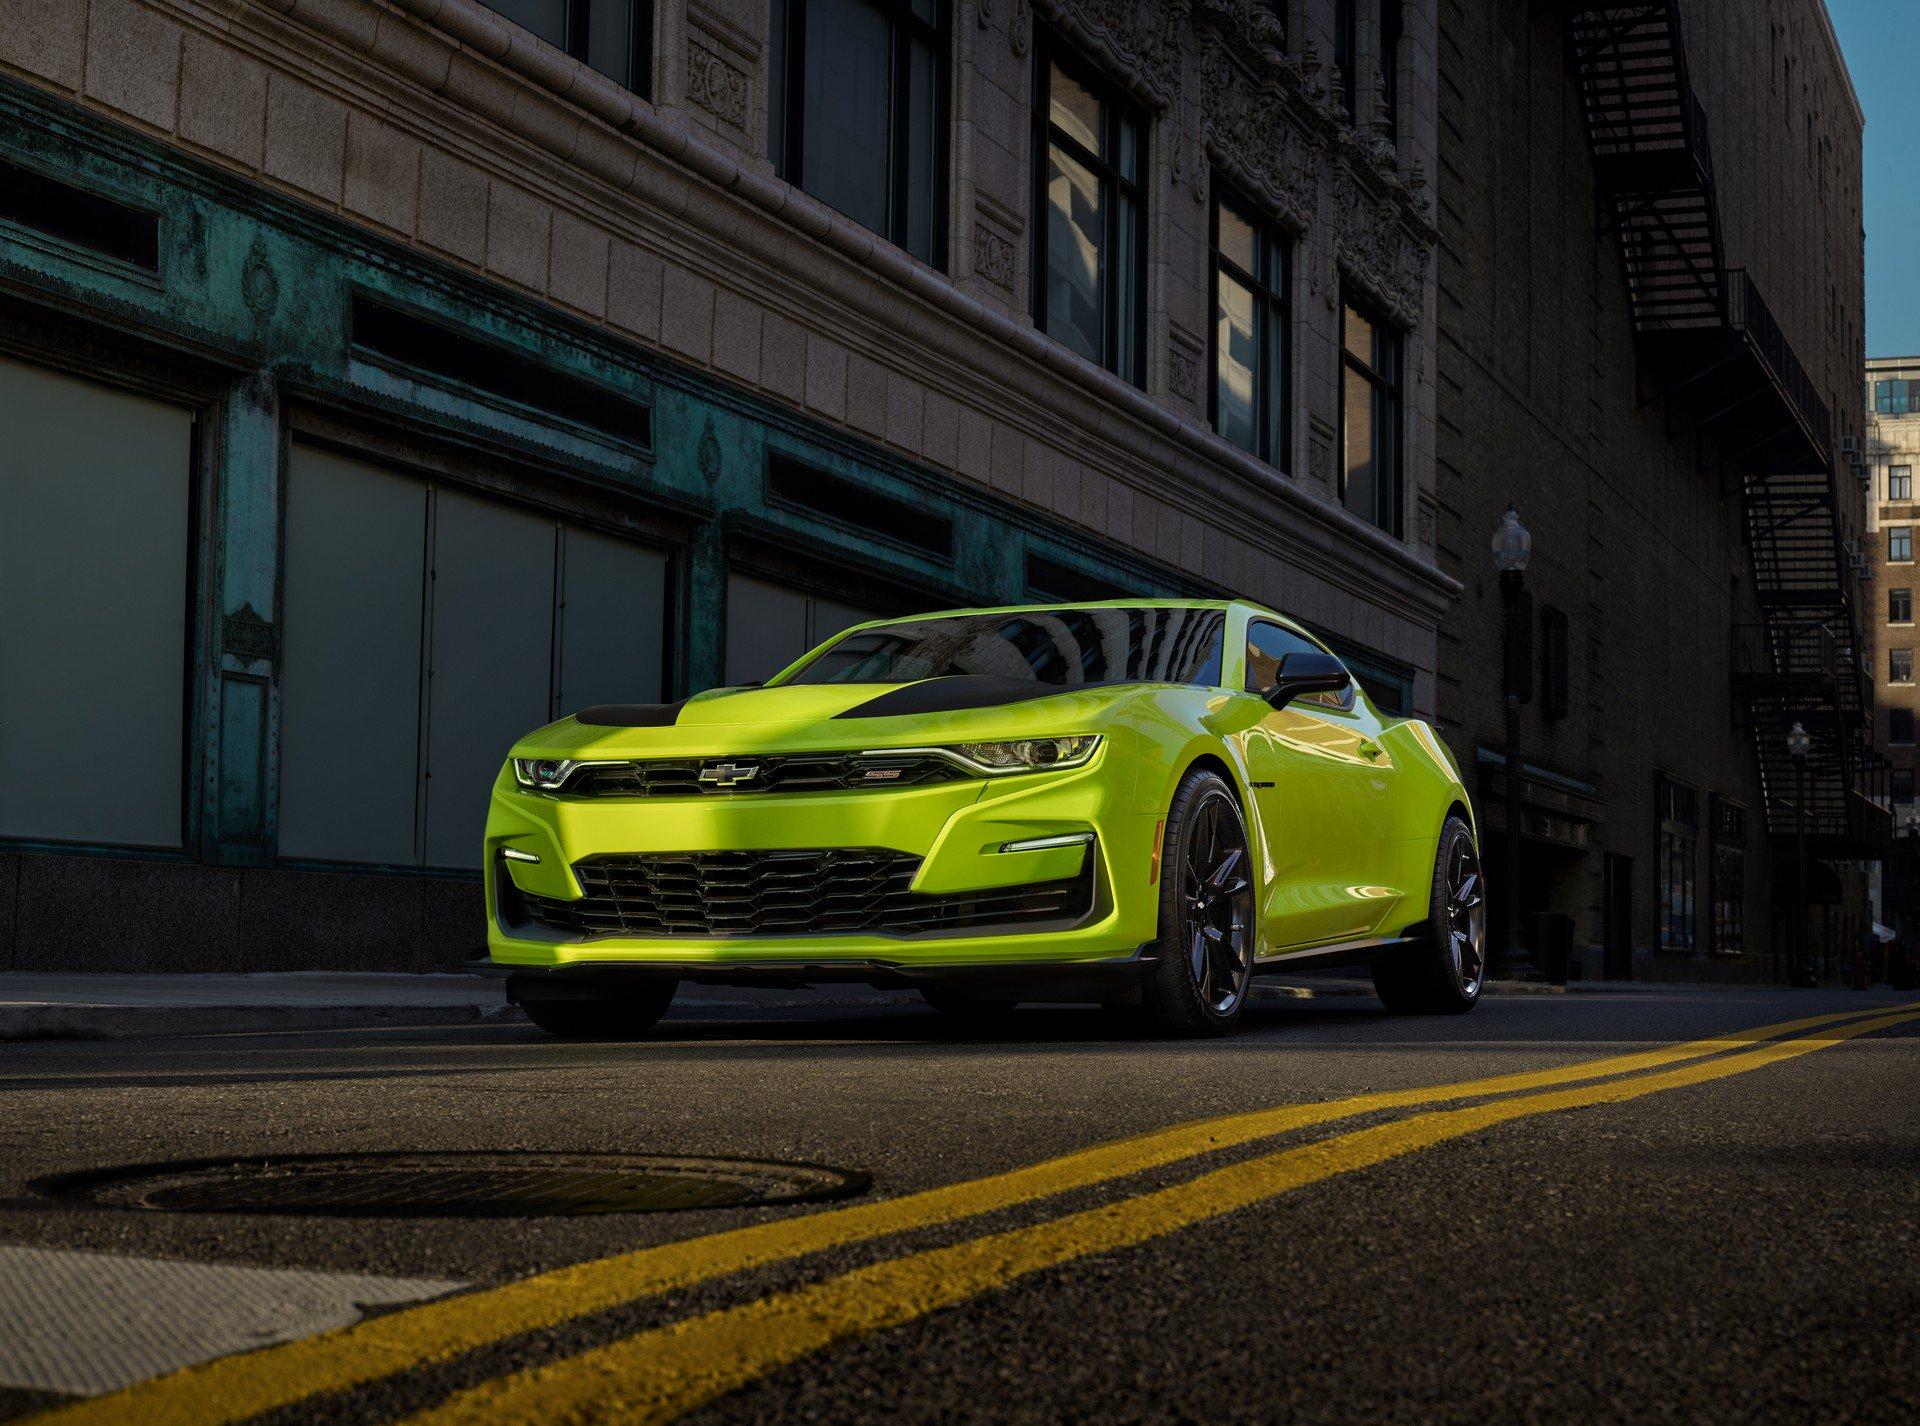 Camaro Ss Shock Concept Previews 2020 Chevrolet Camaro Ss